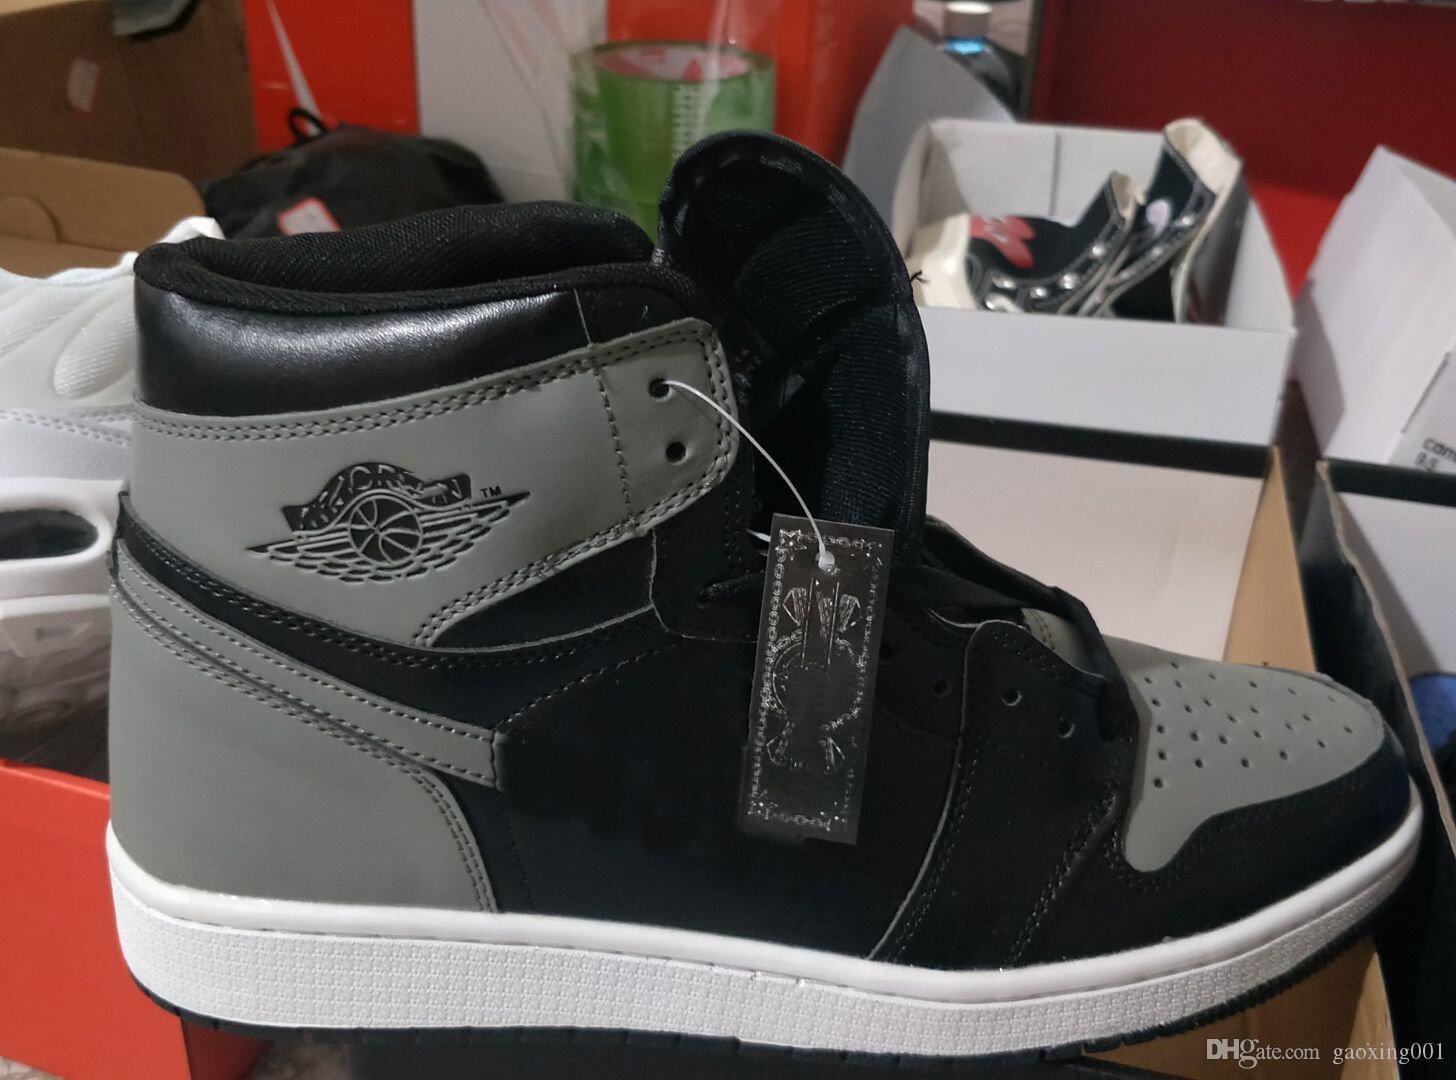 2020 1S zapatos de alta OG Travis Scotts baloncesto Jumpman UNC 1 3 superior de diseño para hombre a la inicio del azul real de deporte de los hombres zapatillas de deporte